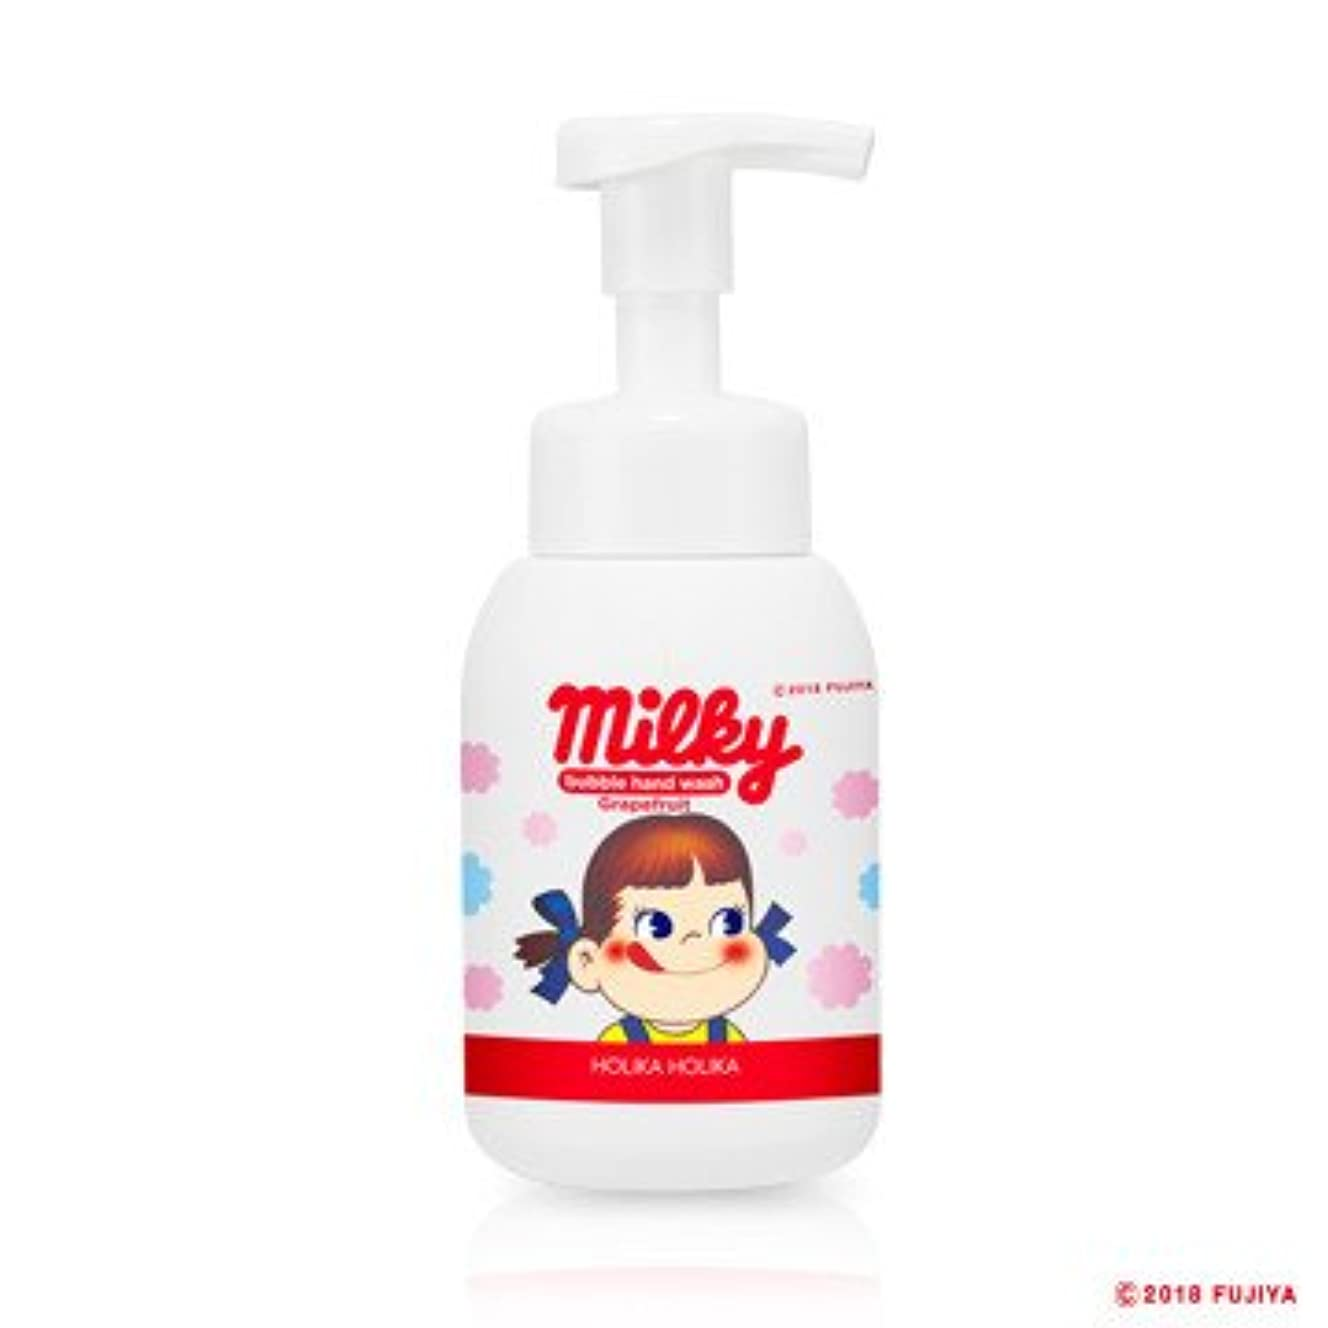 侵入繁殖何十人もHolika Holika [Sweet Peko Edition] Bubble Hand Wash/ホリカホリカ [スイートペコエディション] バブルハンドウォッシュ 250ml [並行輸入品]